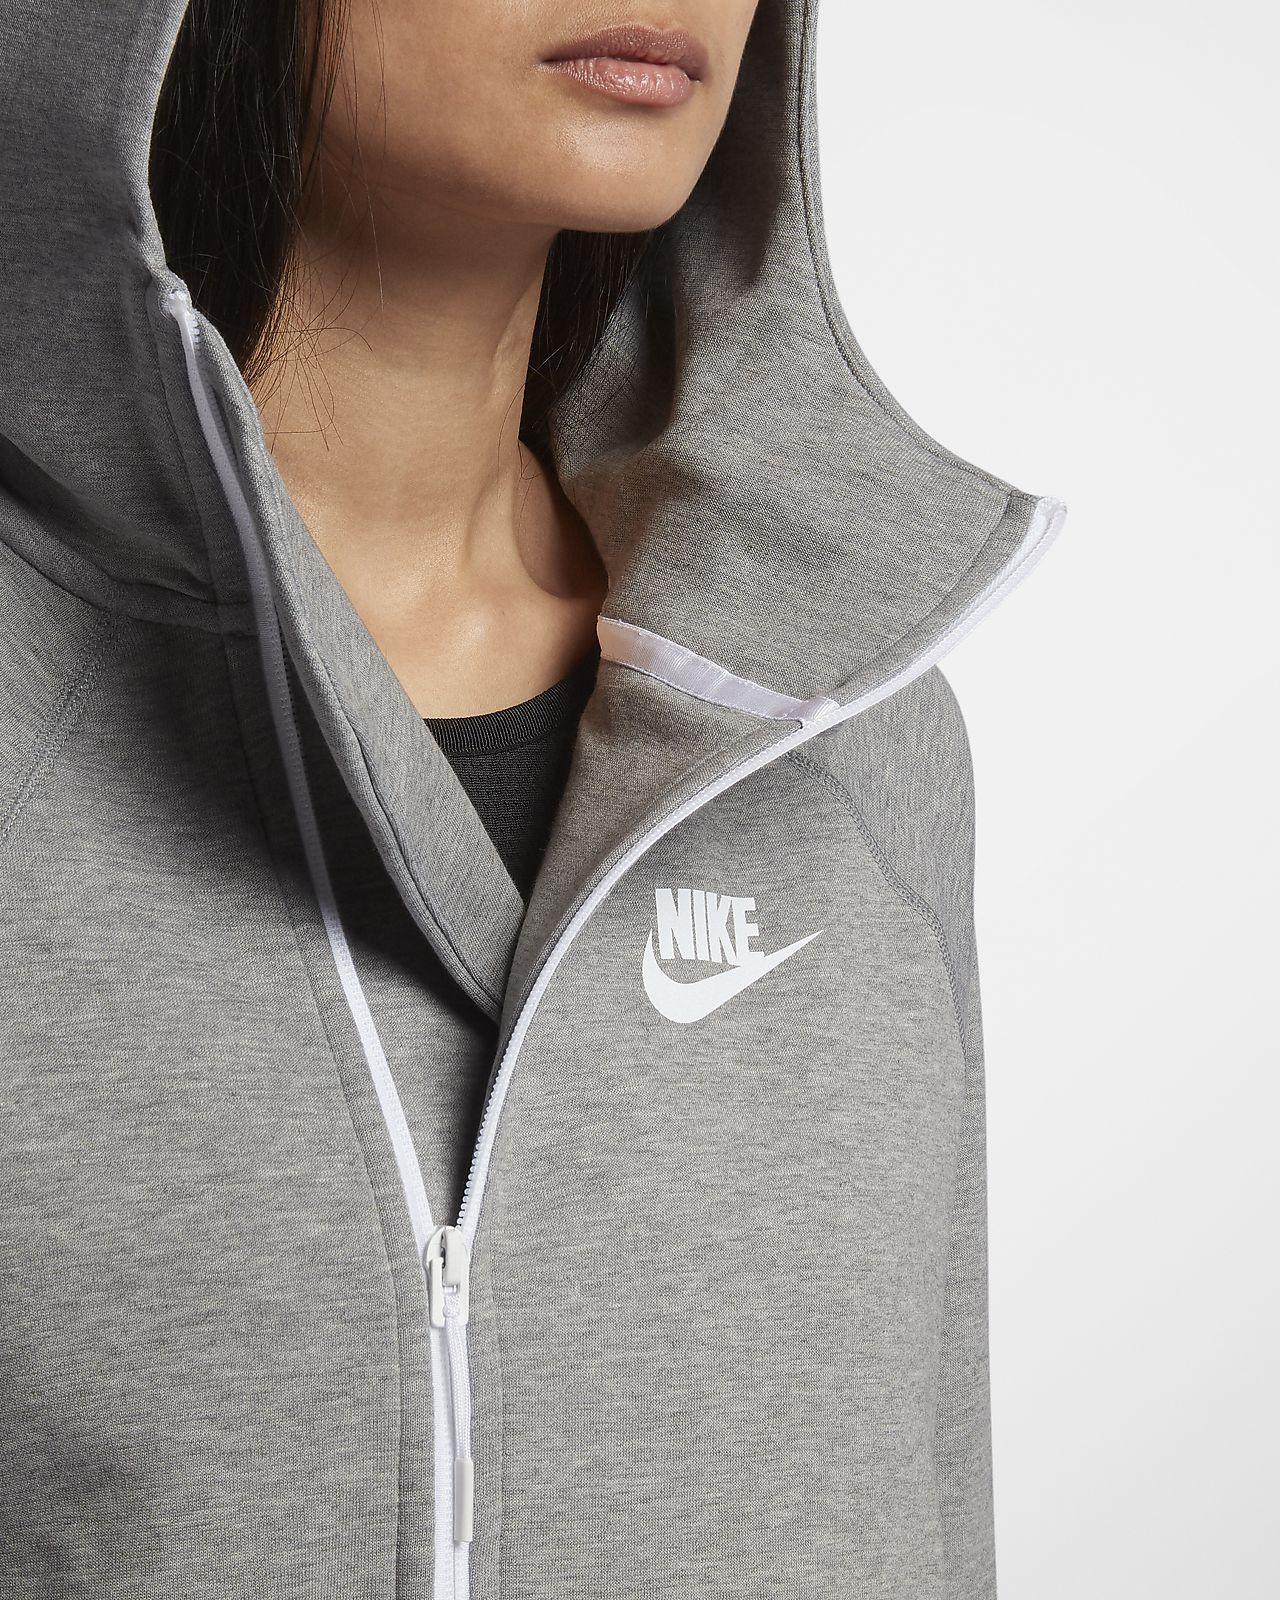 Neu Grey Herren Nike Sb Sweatshirt Dark Sweatshirts zu